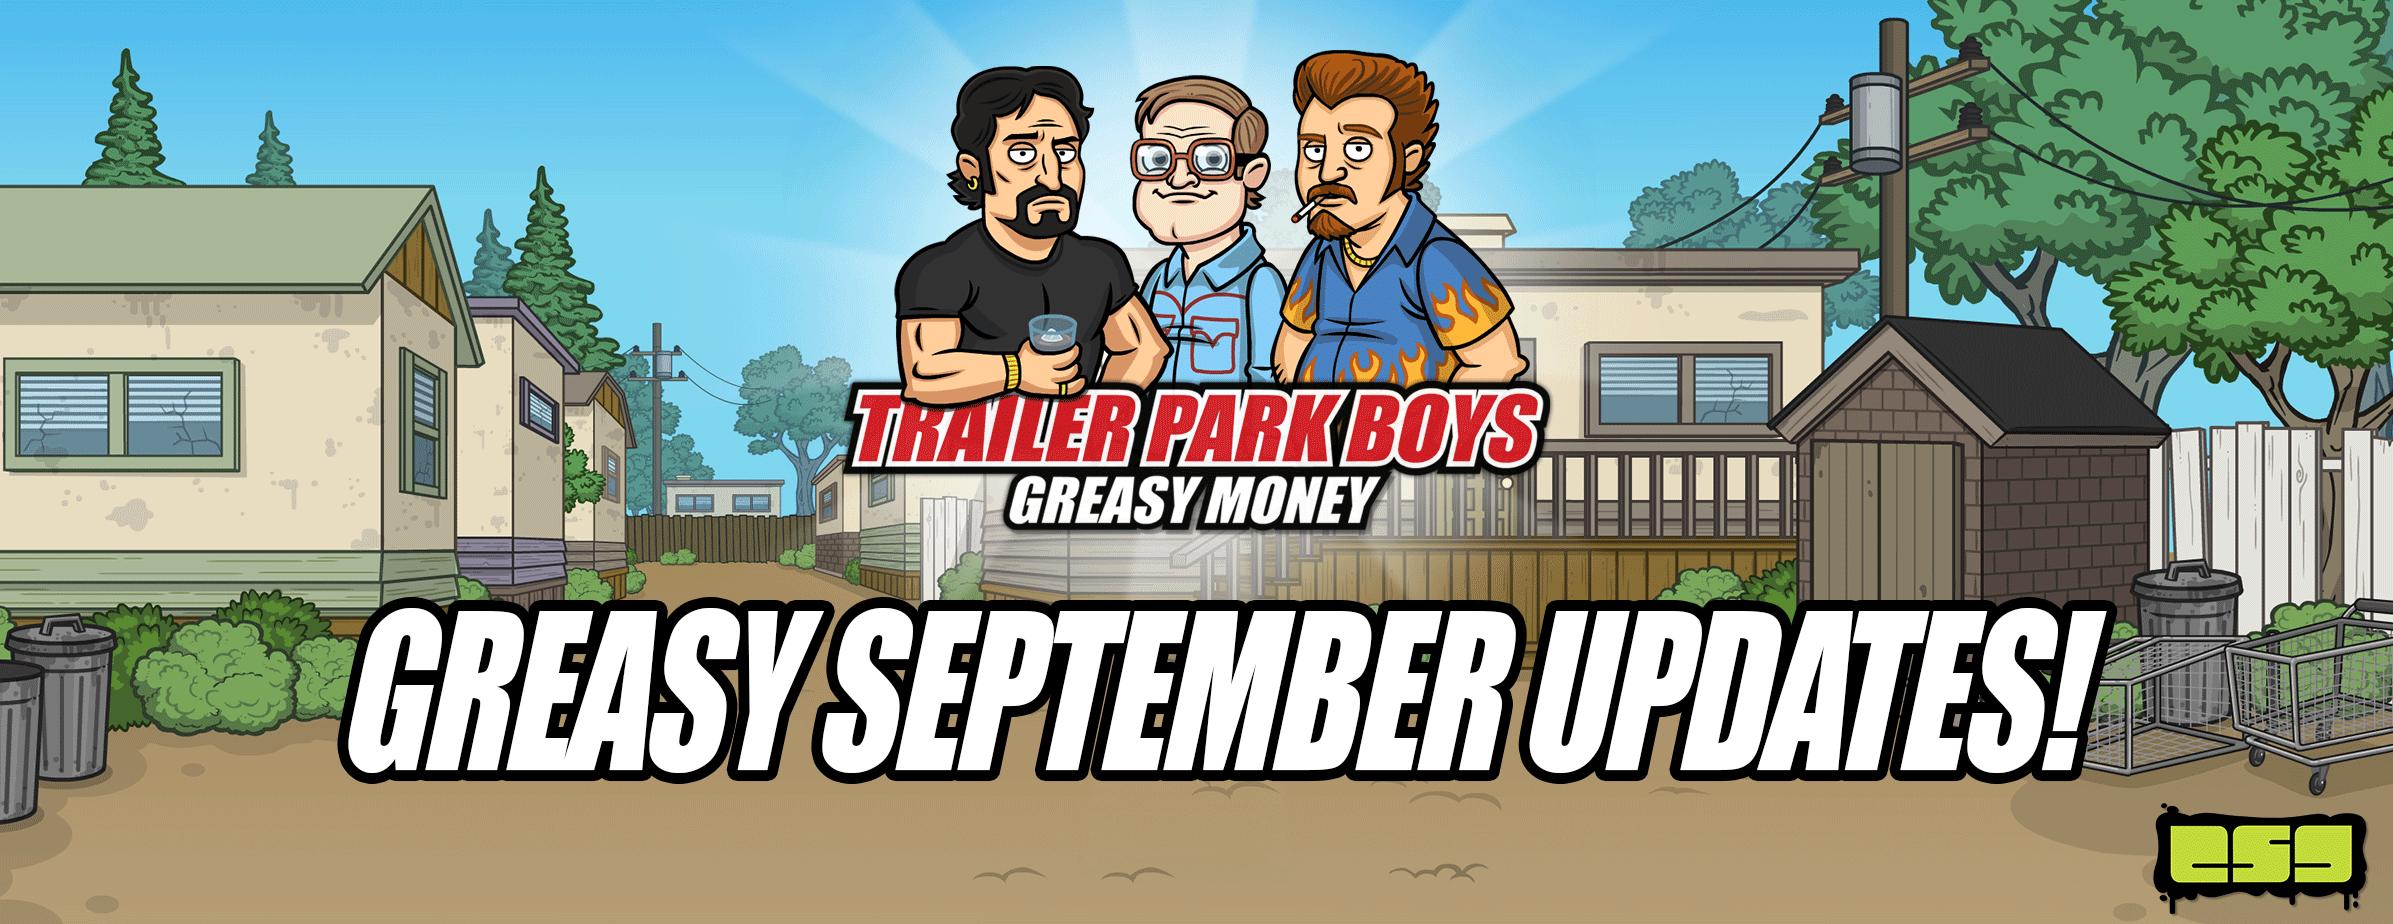 Trailer Park Boys: Greasy Money September Updates!